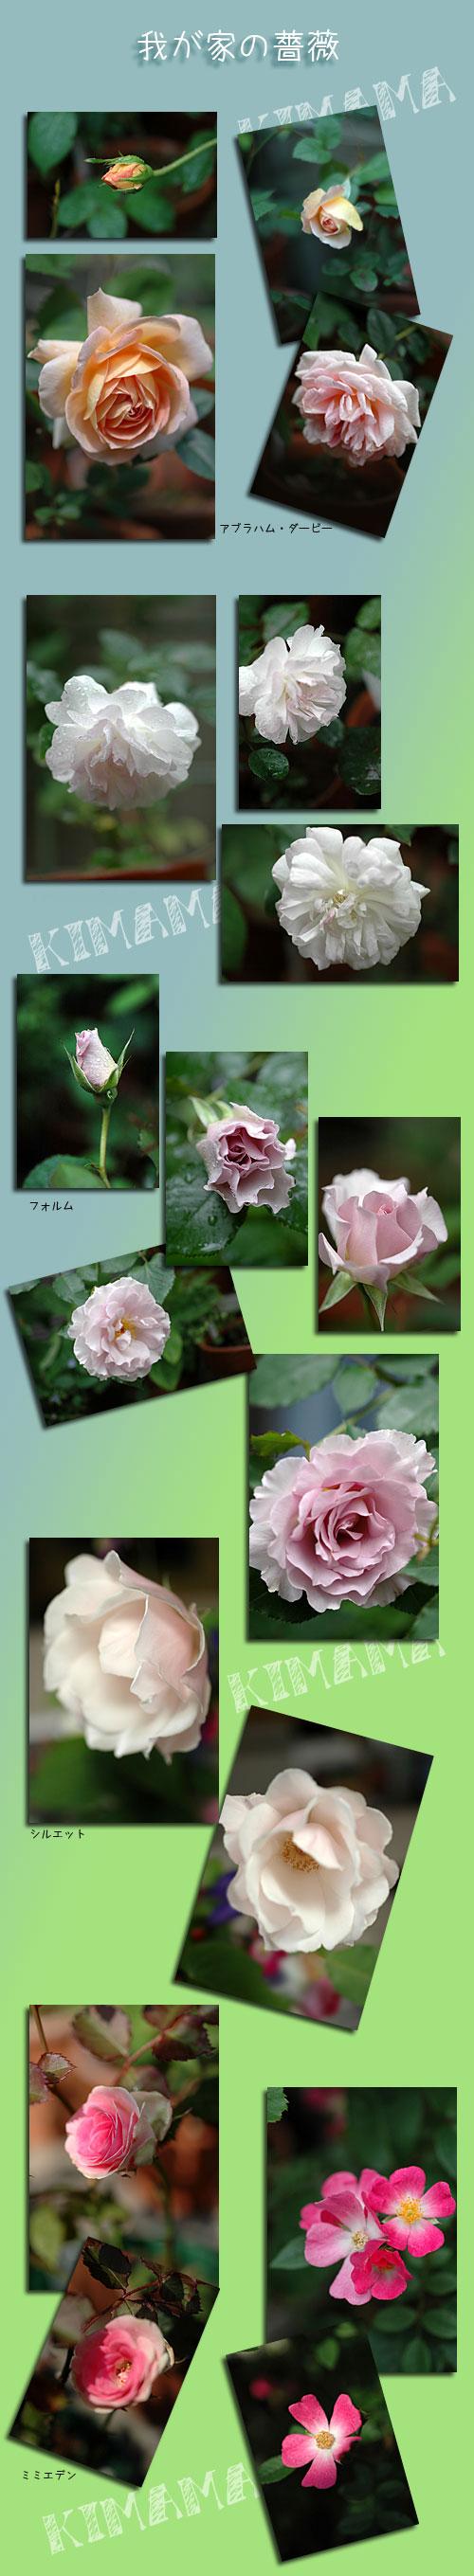 5月24日庭の薔薇1